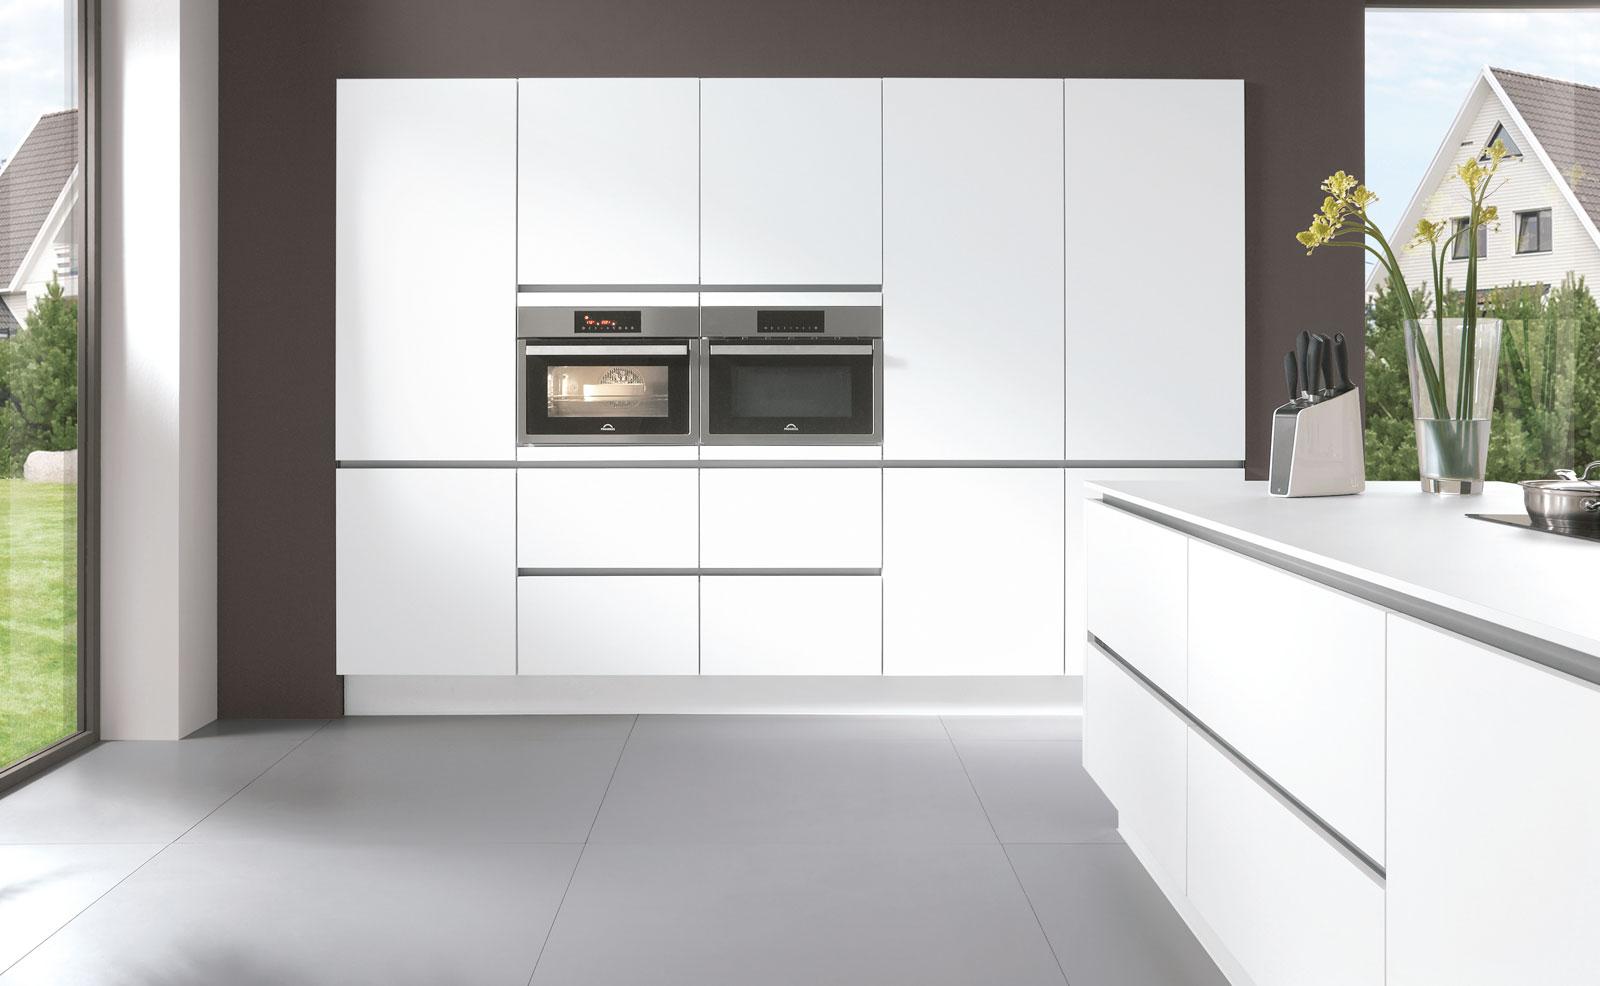 Full Size of Grifflose Küche Schubladen Grifflose Küche Beleuchtung Grifflose Küche Erfahrung Grifflose Küche Meinungen Küche Grifflose Küche